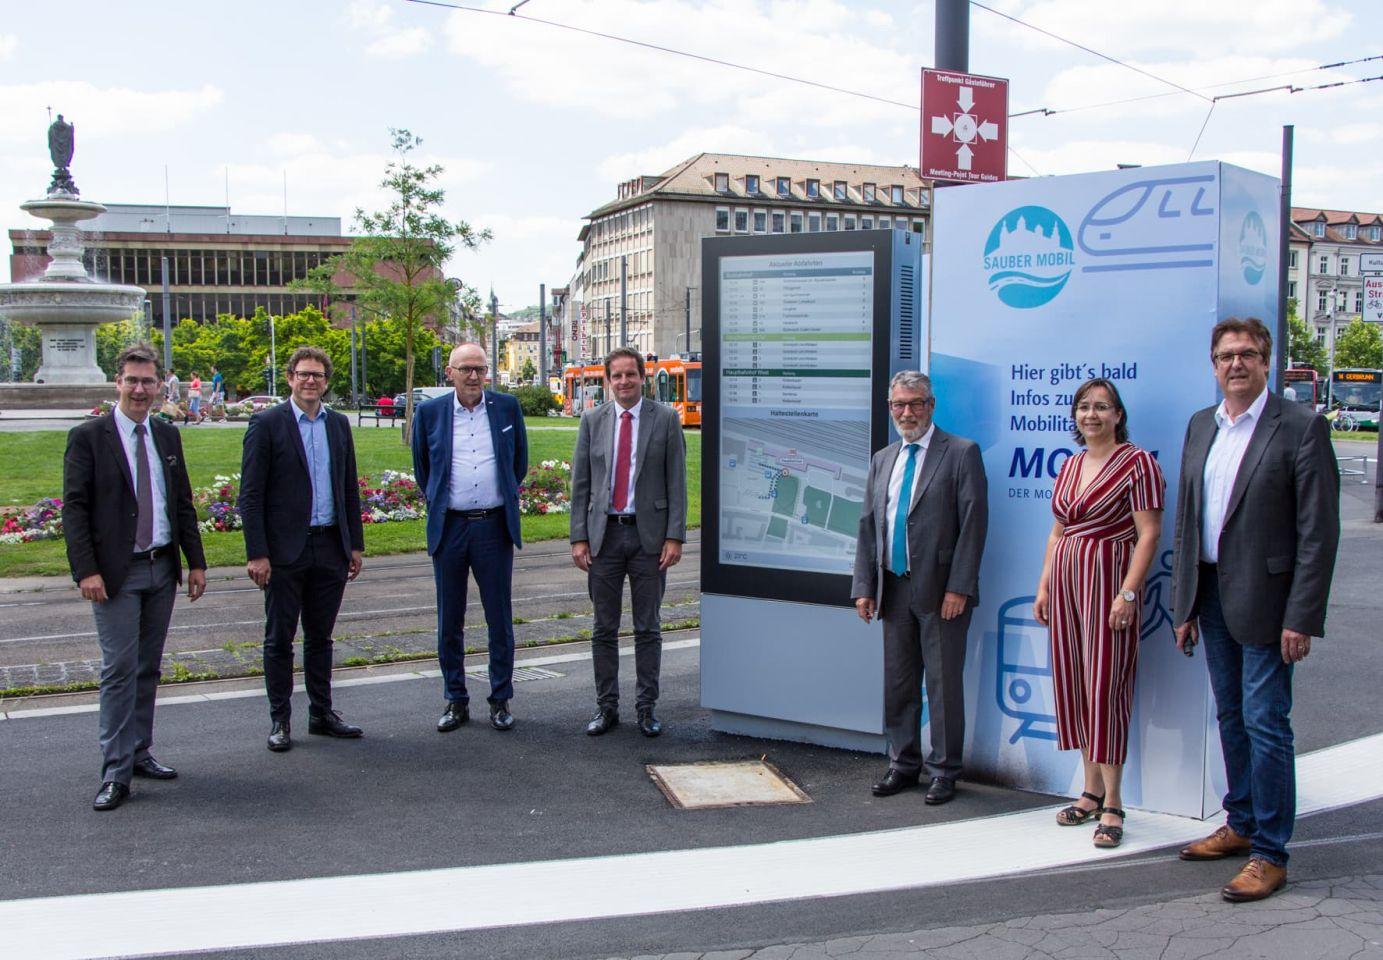 """""""Mobilitätsmonitor"""" am Hauptbahnhof: ÖPNV-Verbindungen, Baustellen, Staus und Serviceangebote"""